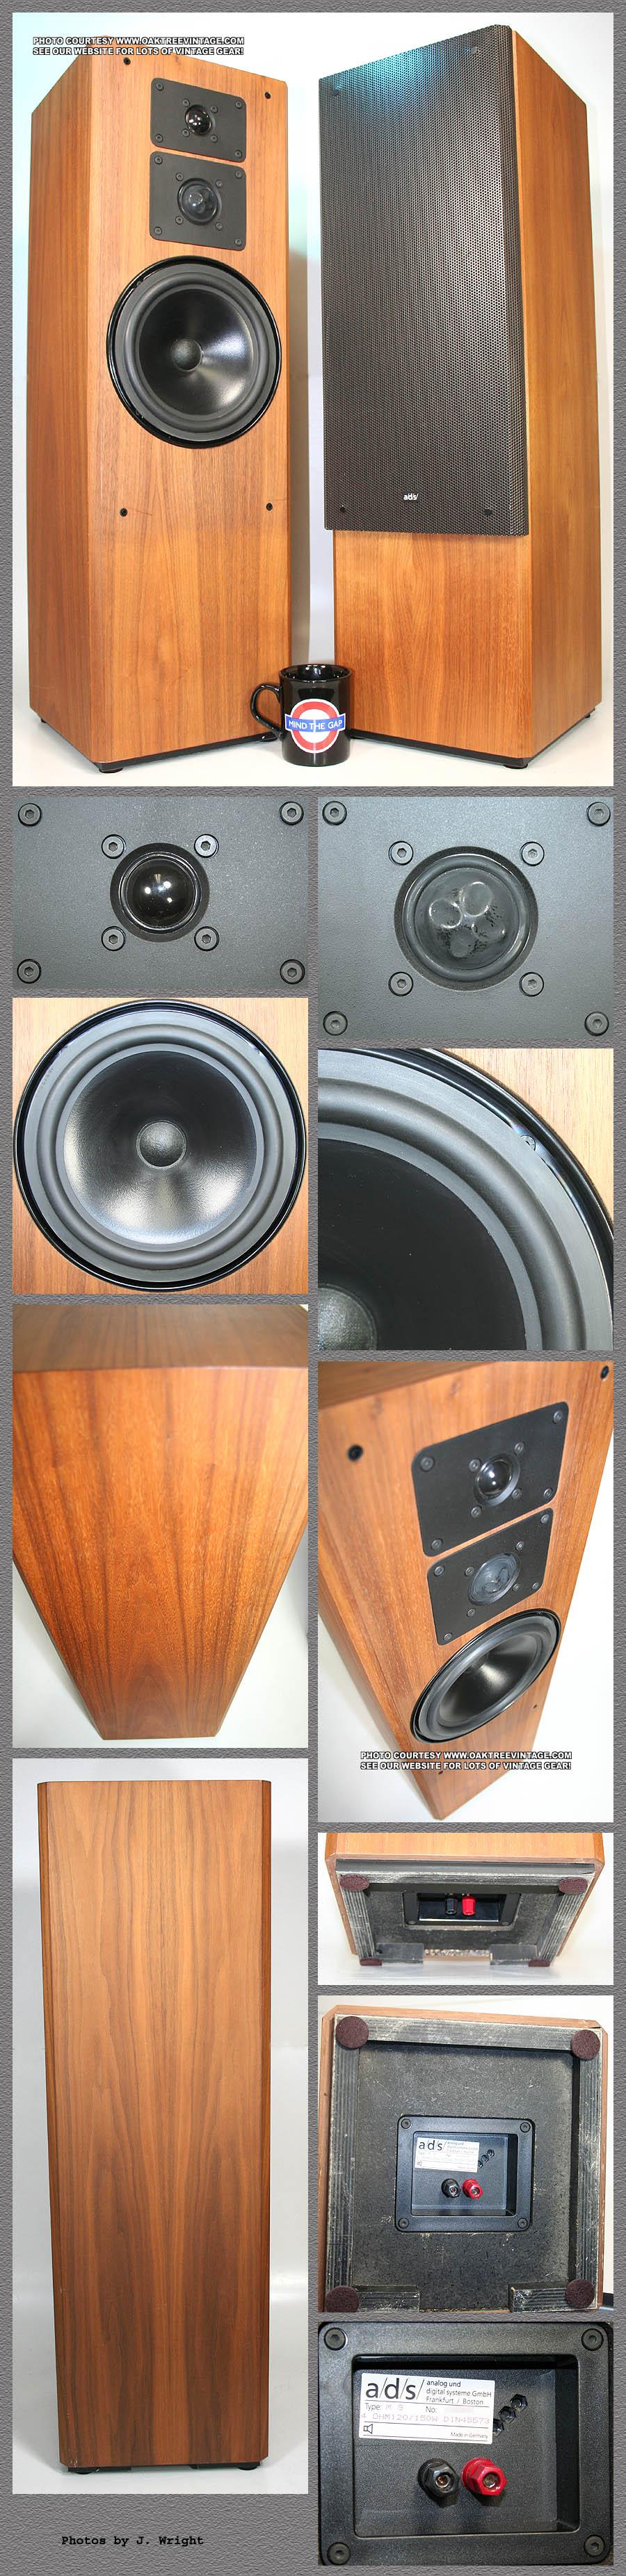 Ads speaker parts